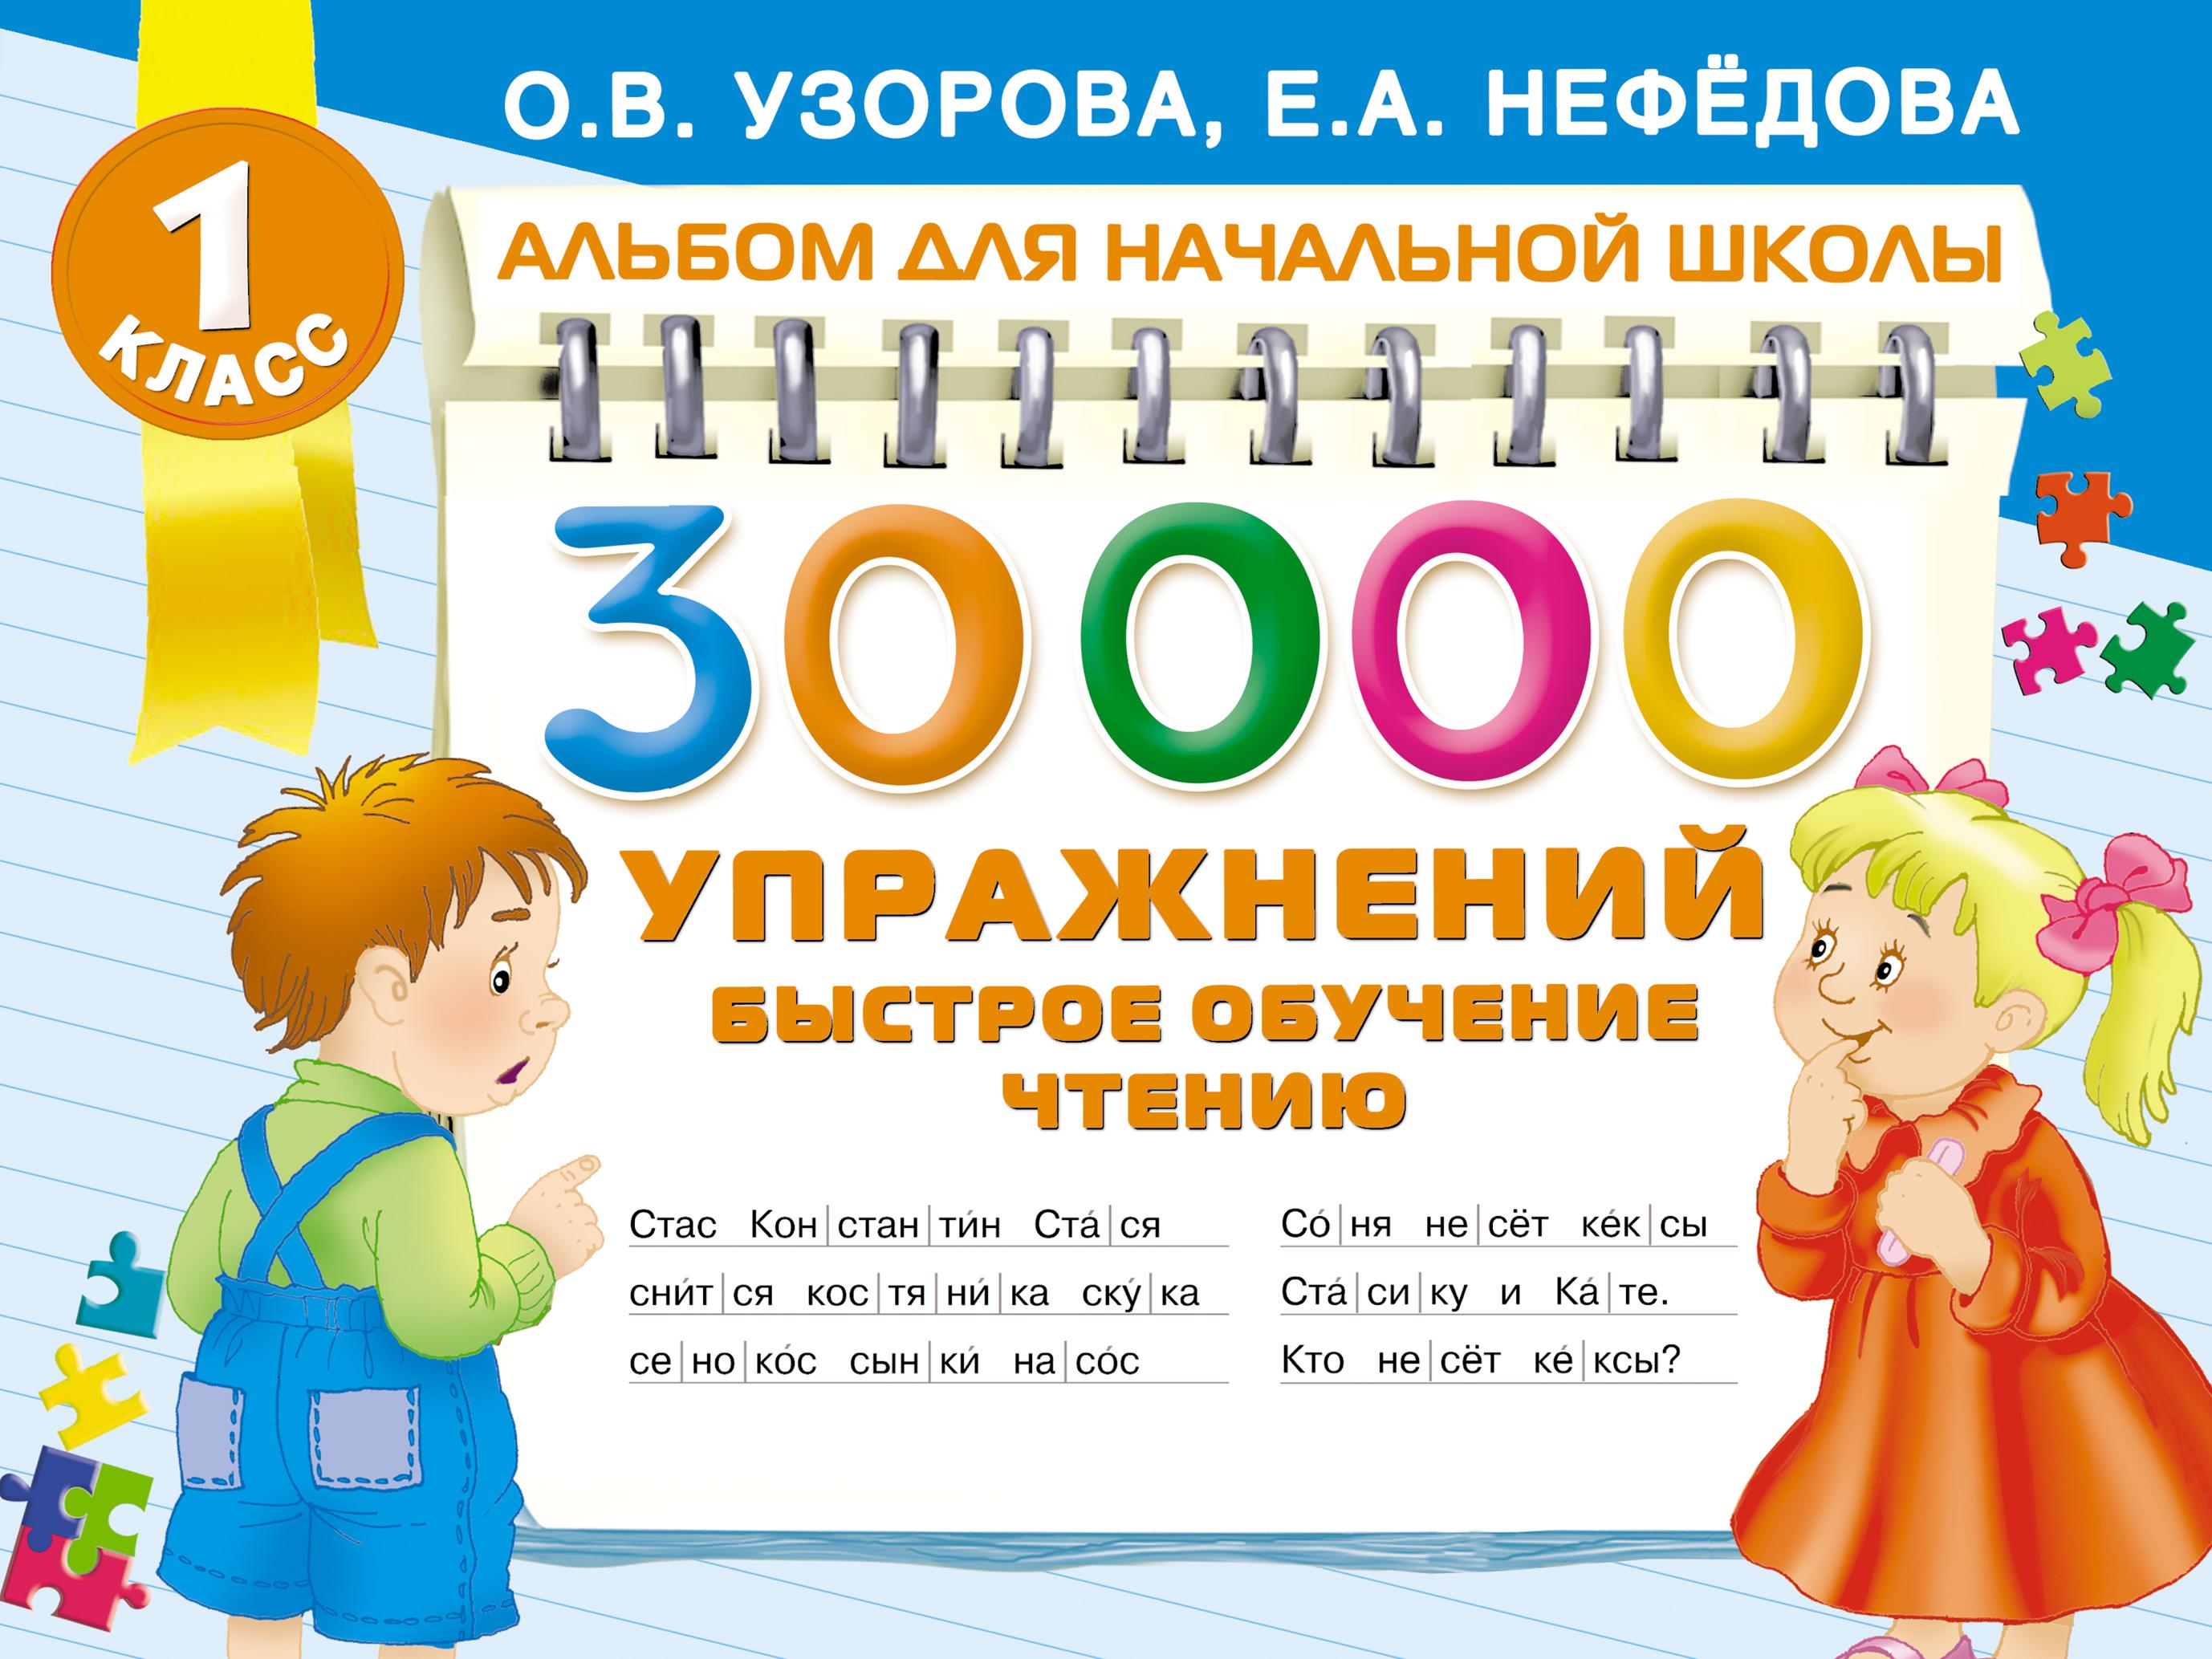 О. В. Узорова 30000 упражнений. Быстрое обучение чтению